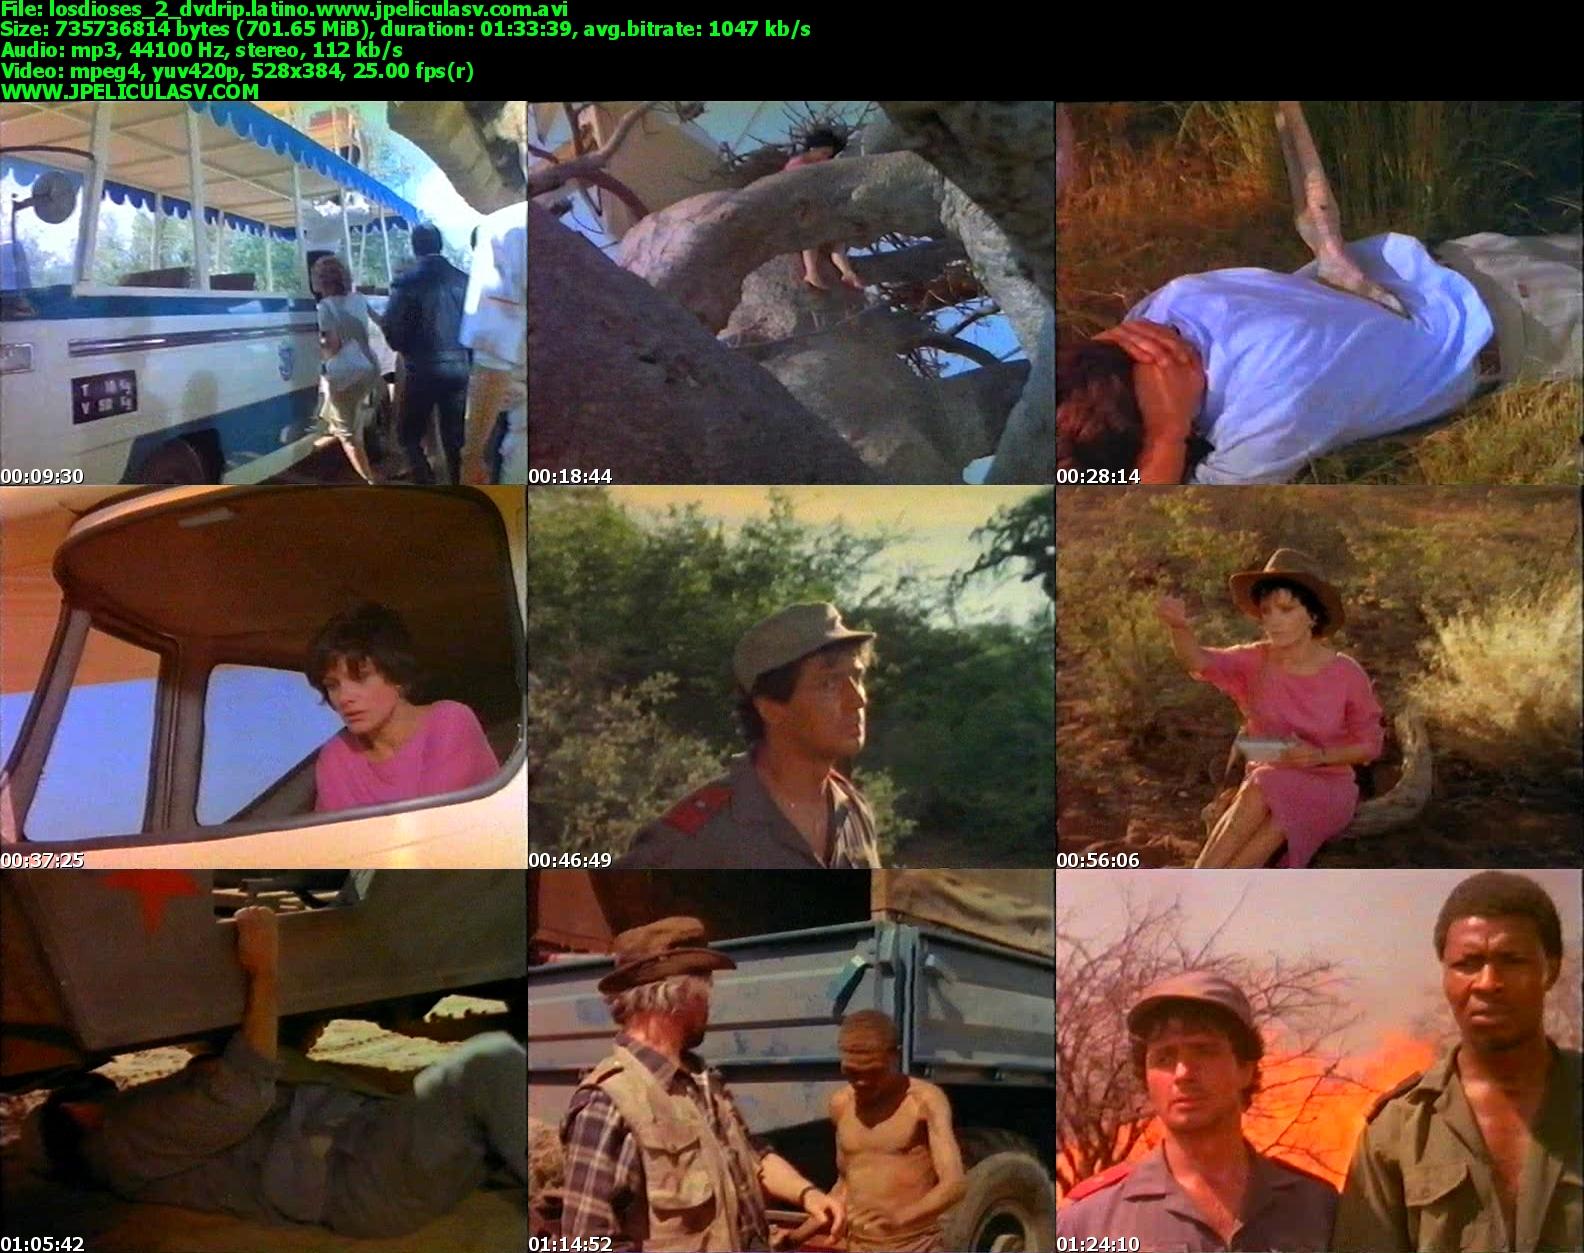 http://3.bp.blogspot.com/-RF67SbaQYuw/TswhK-aWG8I/AAAAAAAAA5M/bgGO6R5cmMo/s1600/losdioses_2_dvdrip.latino.www.jpeliculasv.com_s.jpg